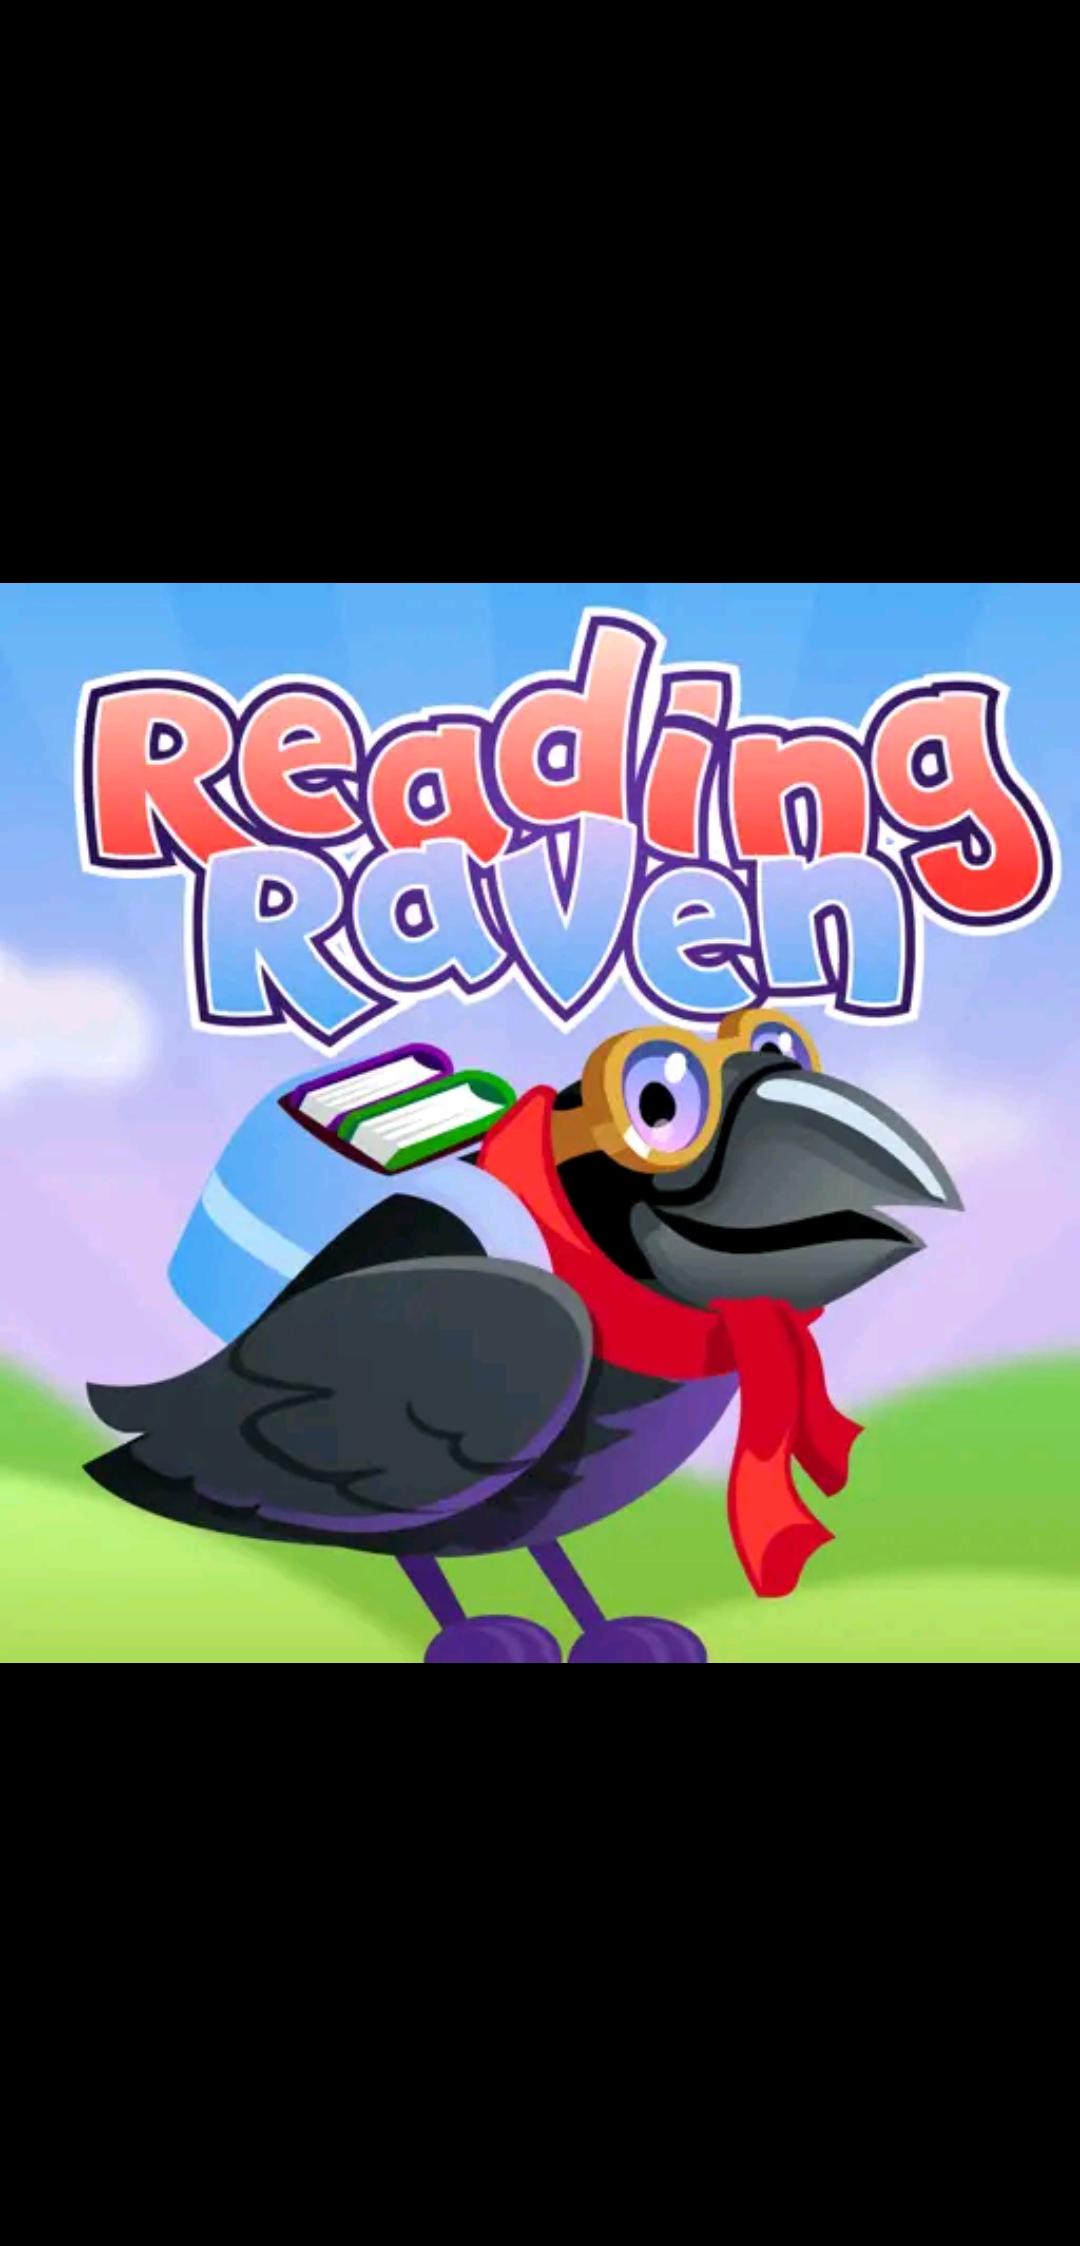 Reading Raven Android nu tijdelijk gratis normaal 2,19 @googleplay